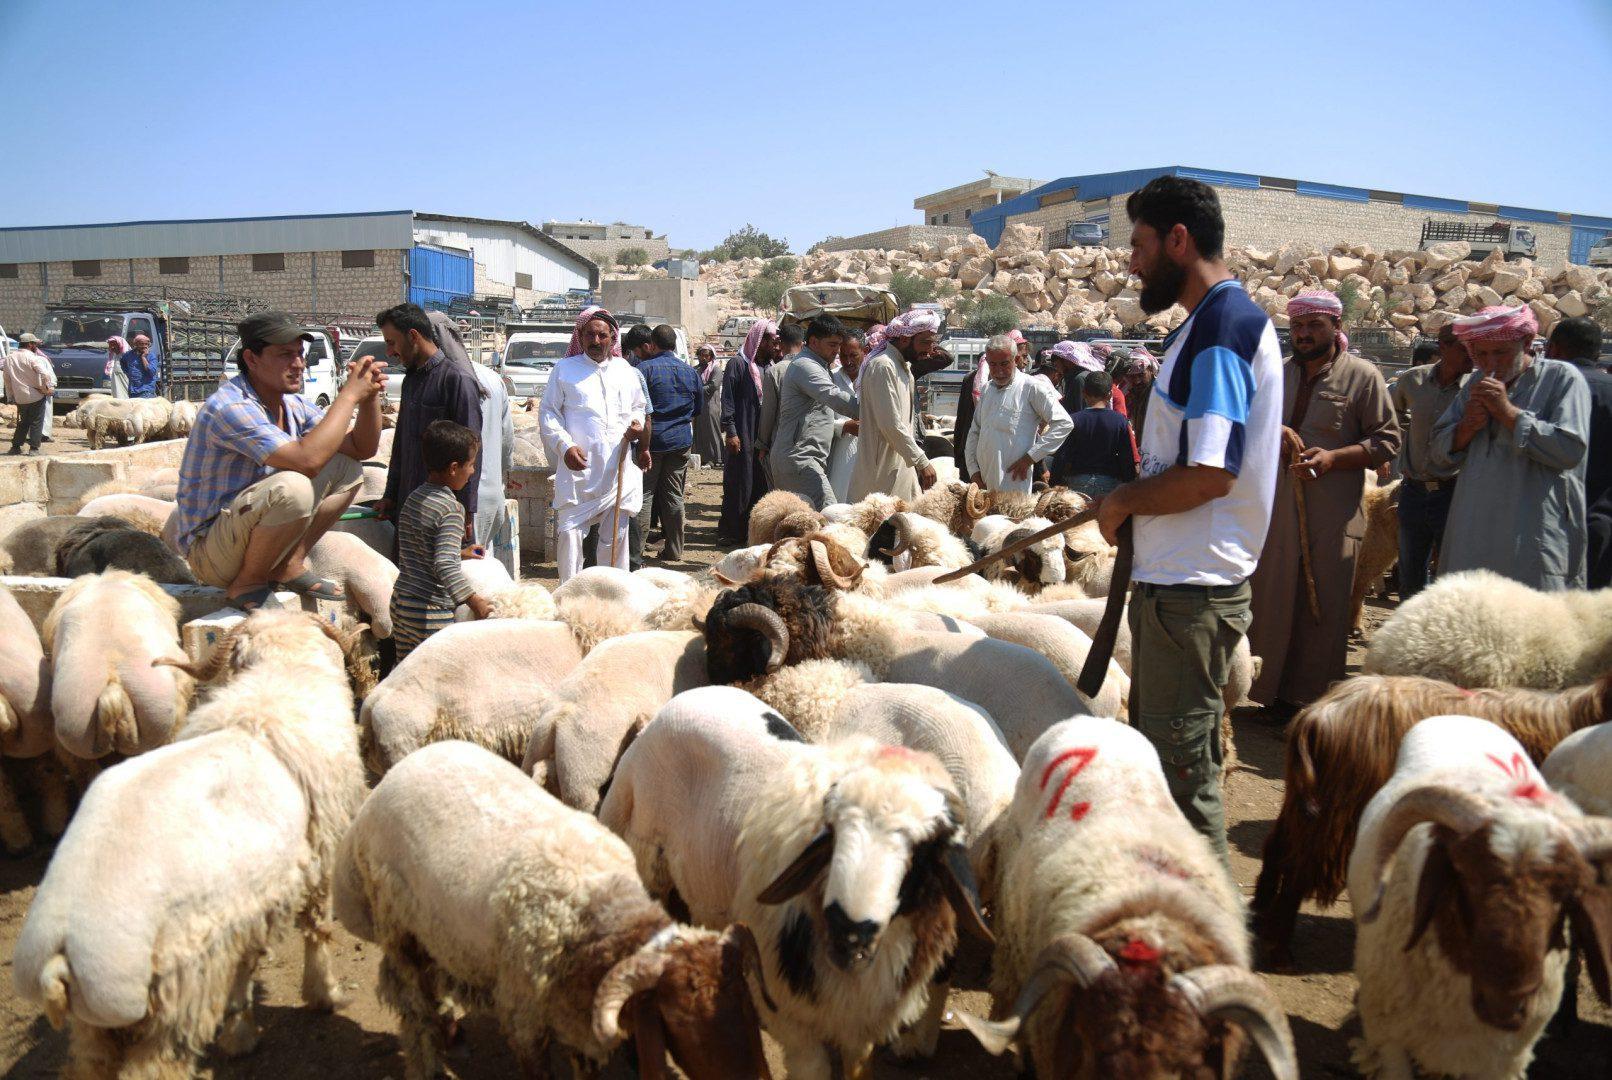 مواطنون يرتادون سوق البردقلي للمواشي غرب مدينة الدانا بريف إدلب الشمالي، 20/ 7/ 2021 (سوريا على طول/علي حاج سليمان)